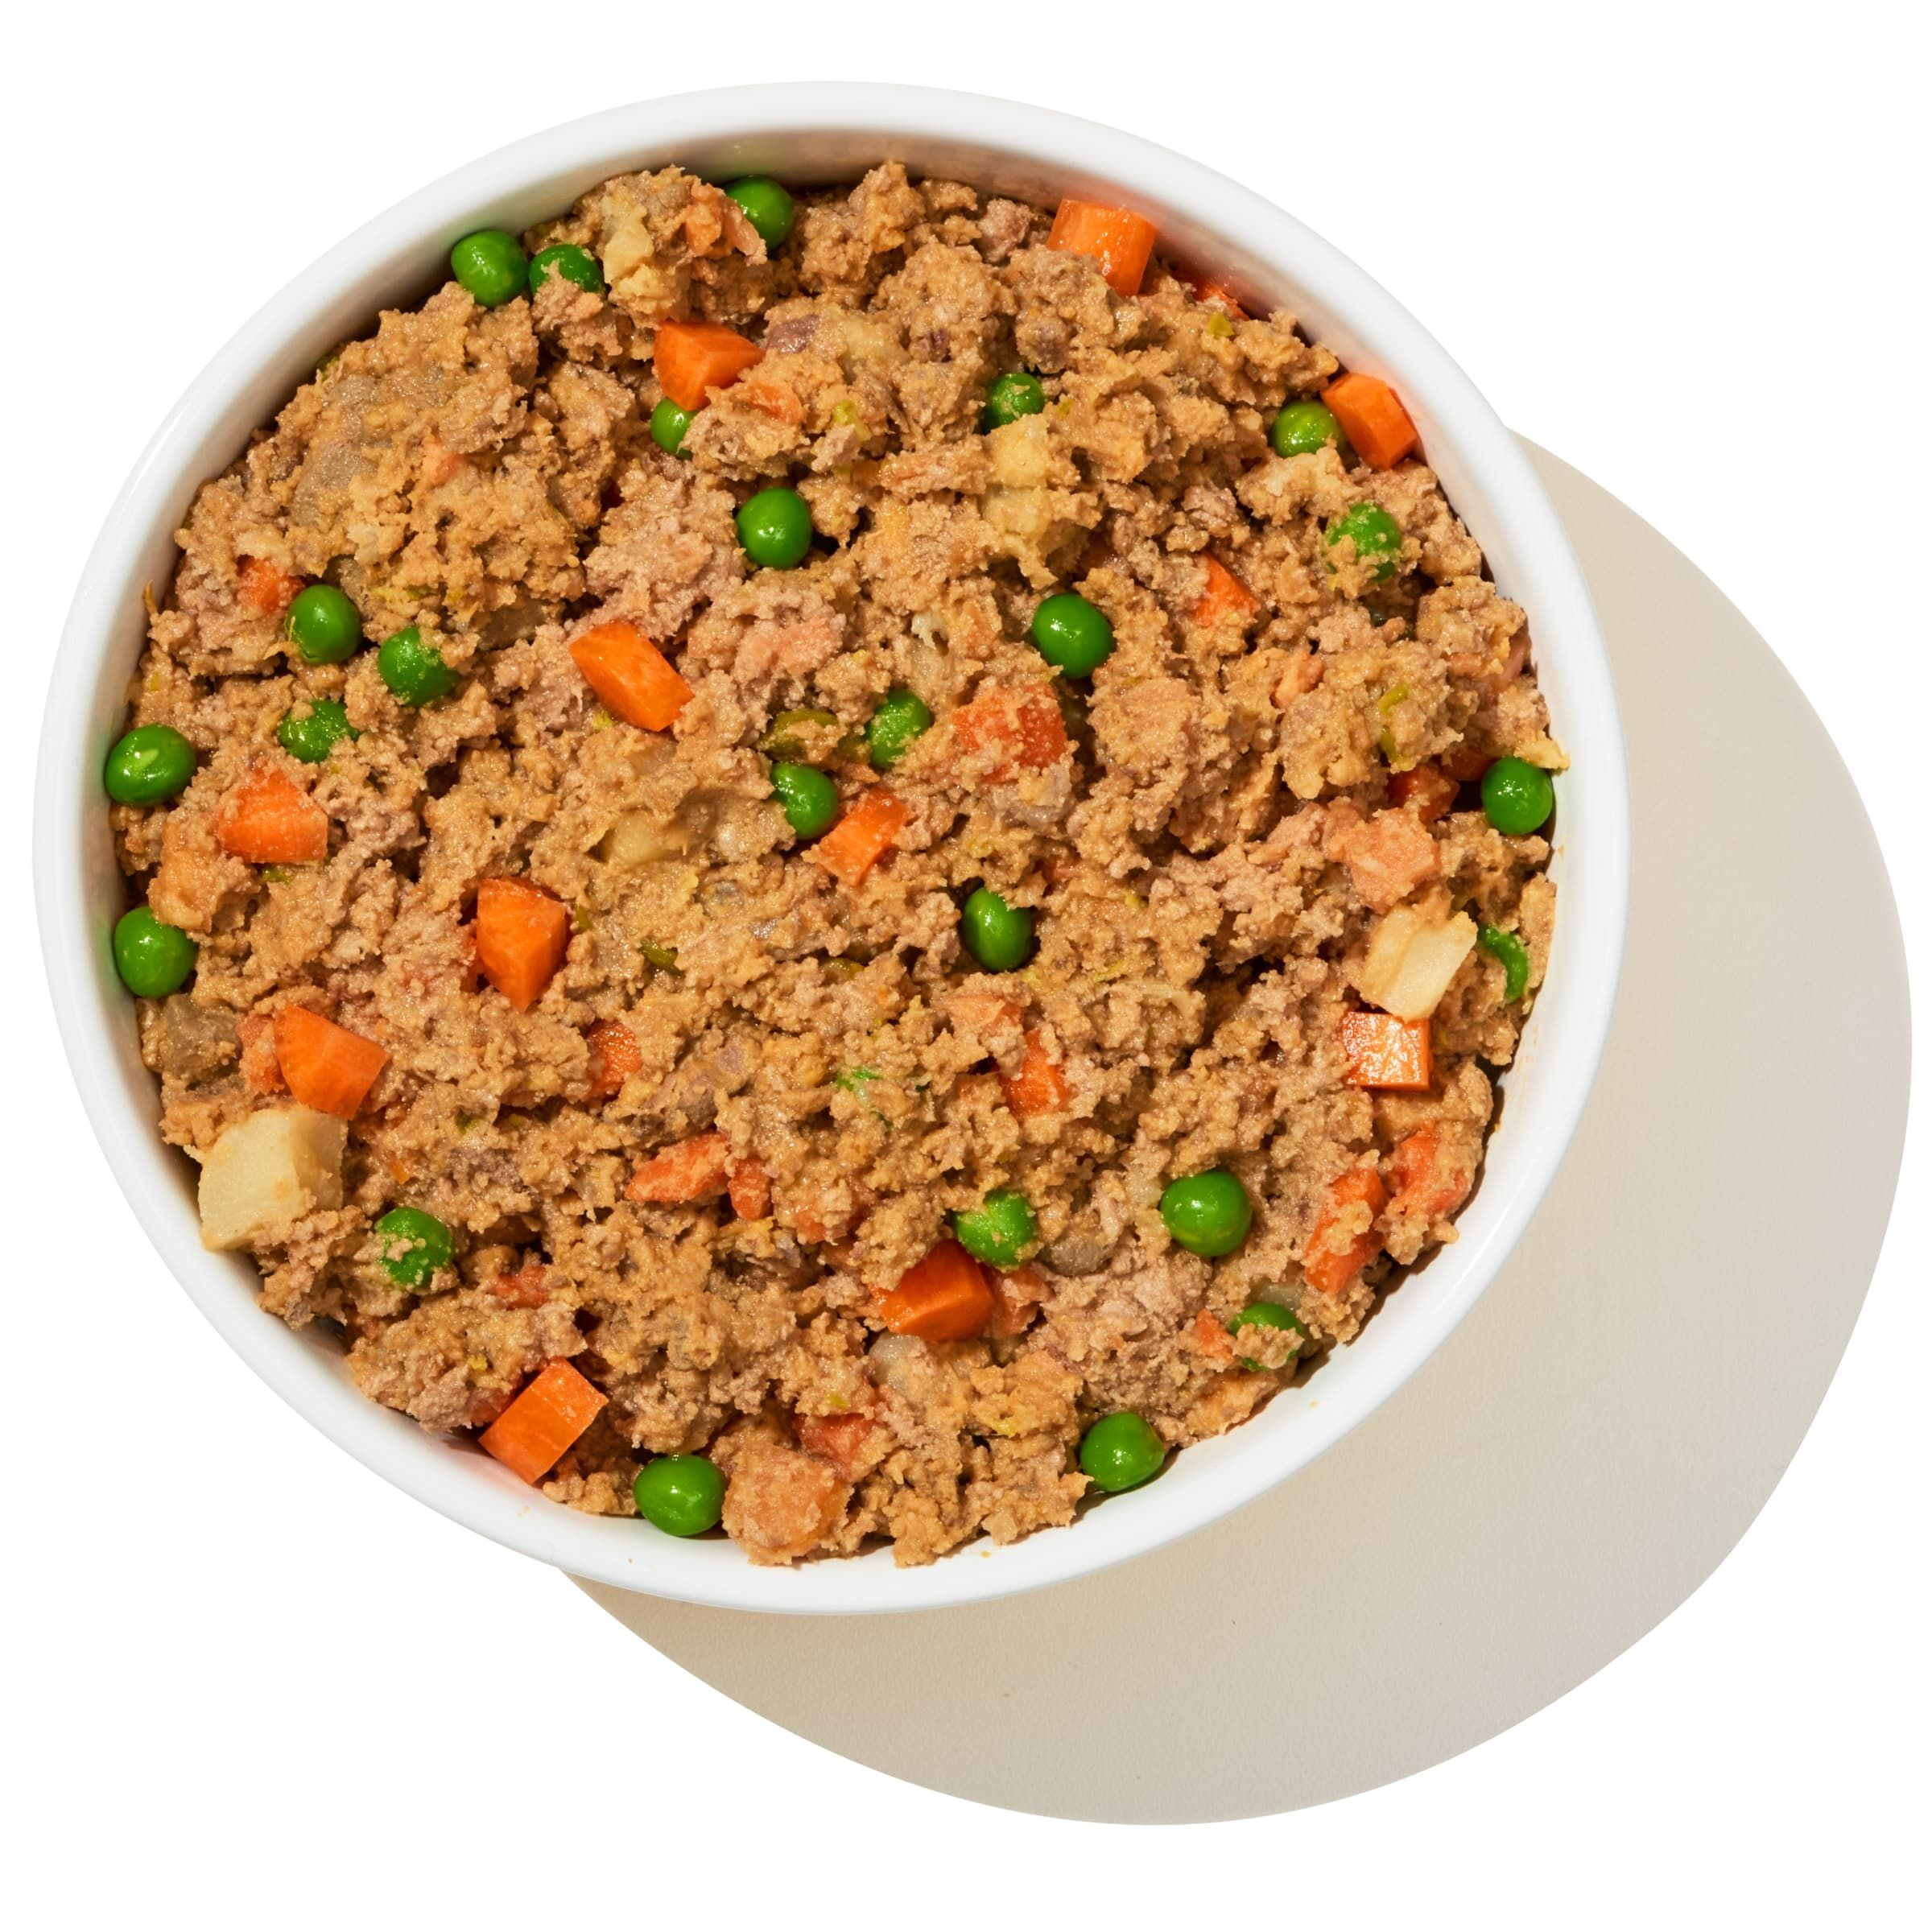 Fresh Dog Food Delivered Dog Food Recipes Food Dog Recipes